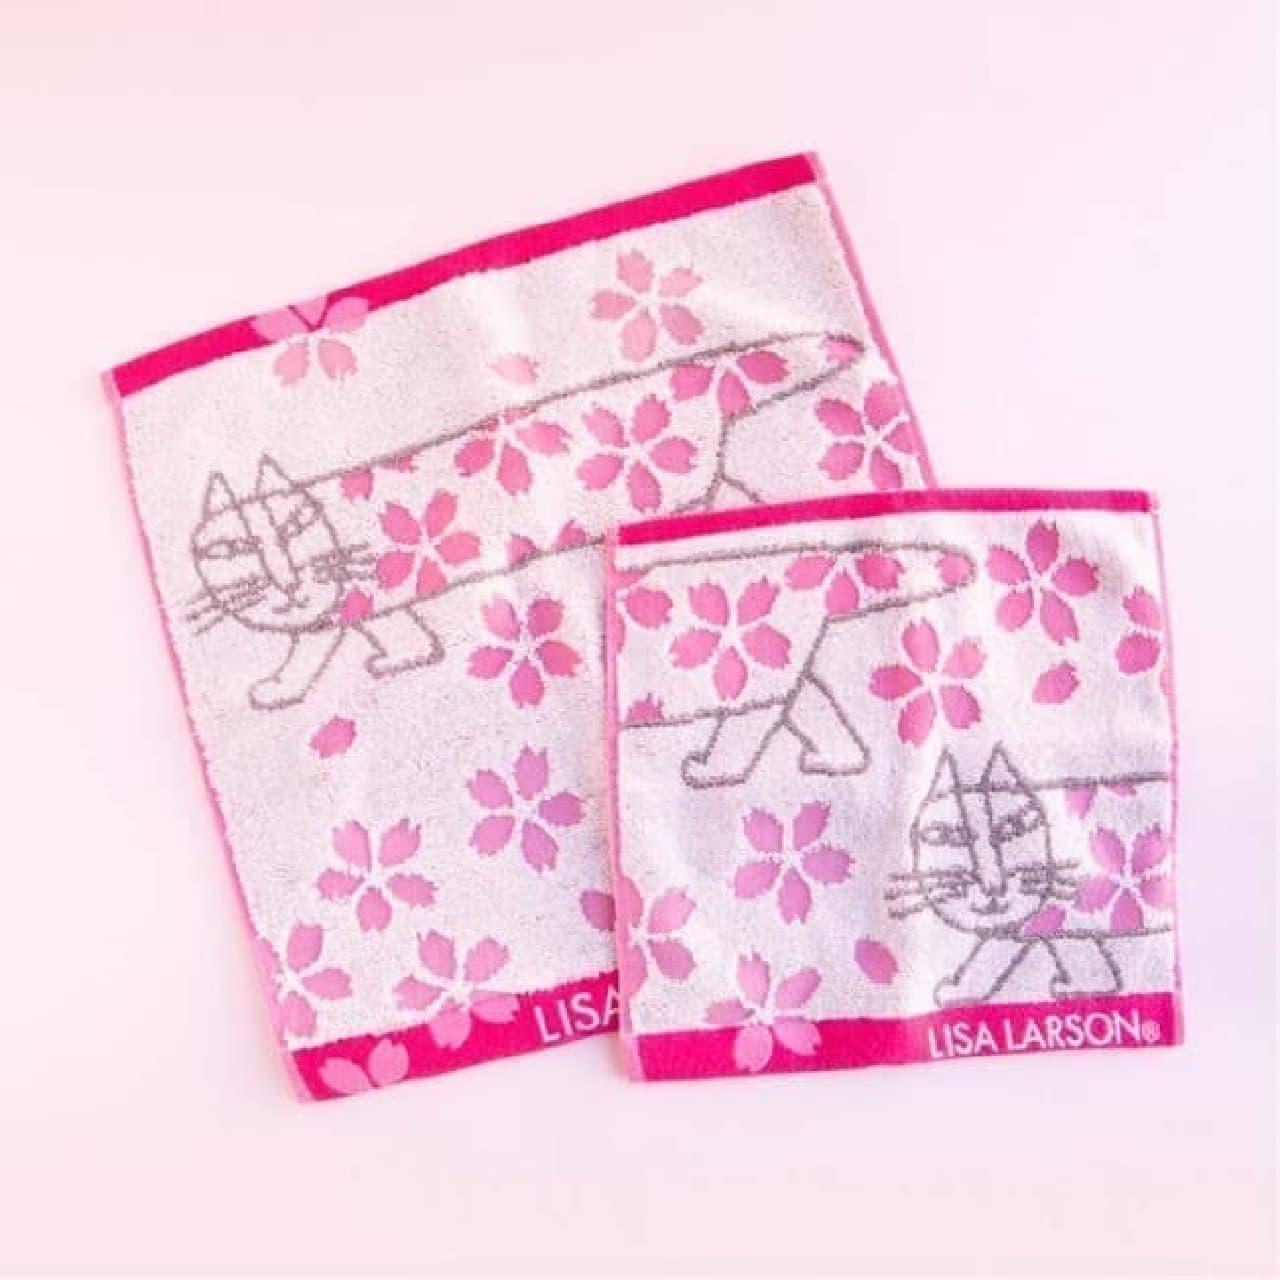 リサ・ラーソン×桜デザイン!春を楽しむ豆皿・タオルなど